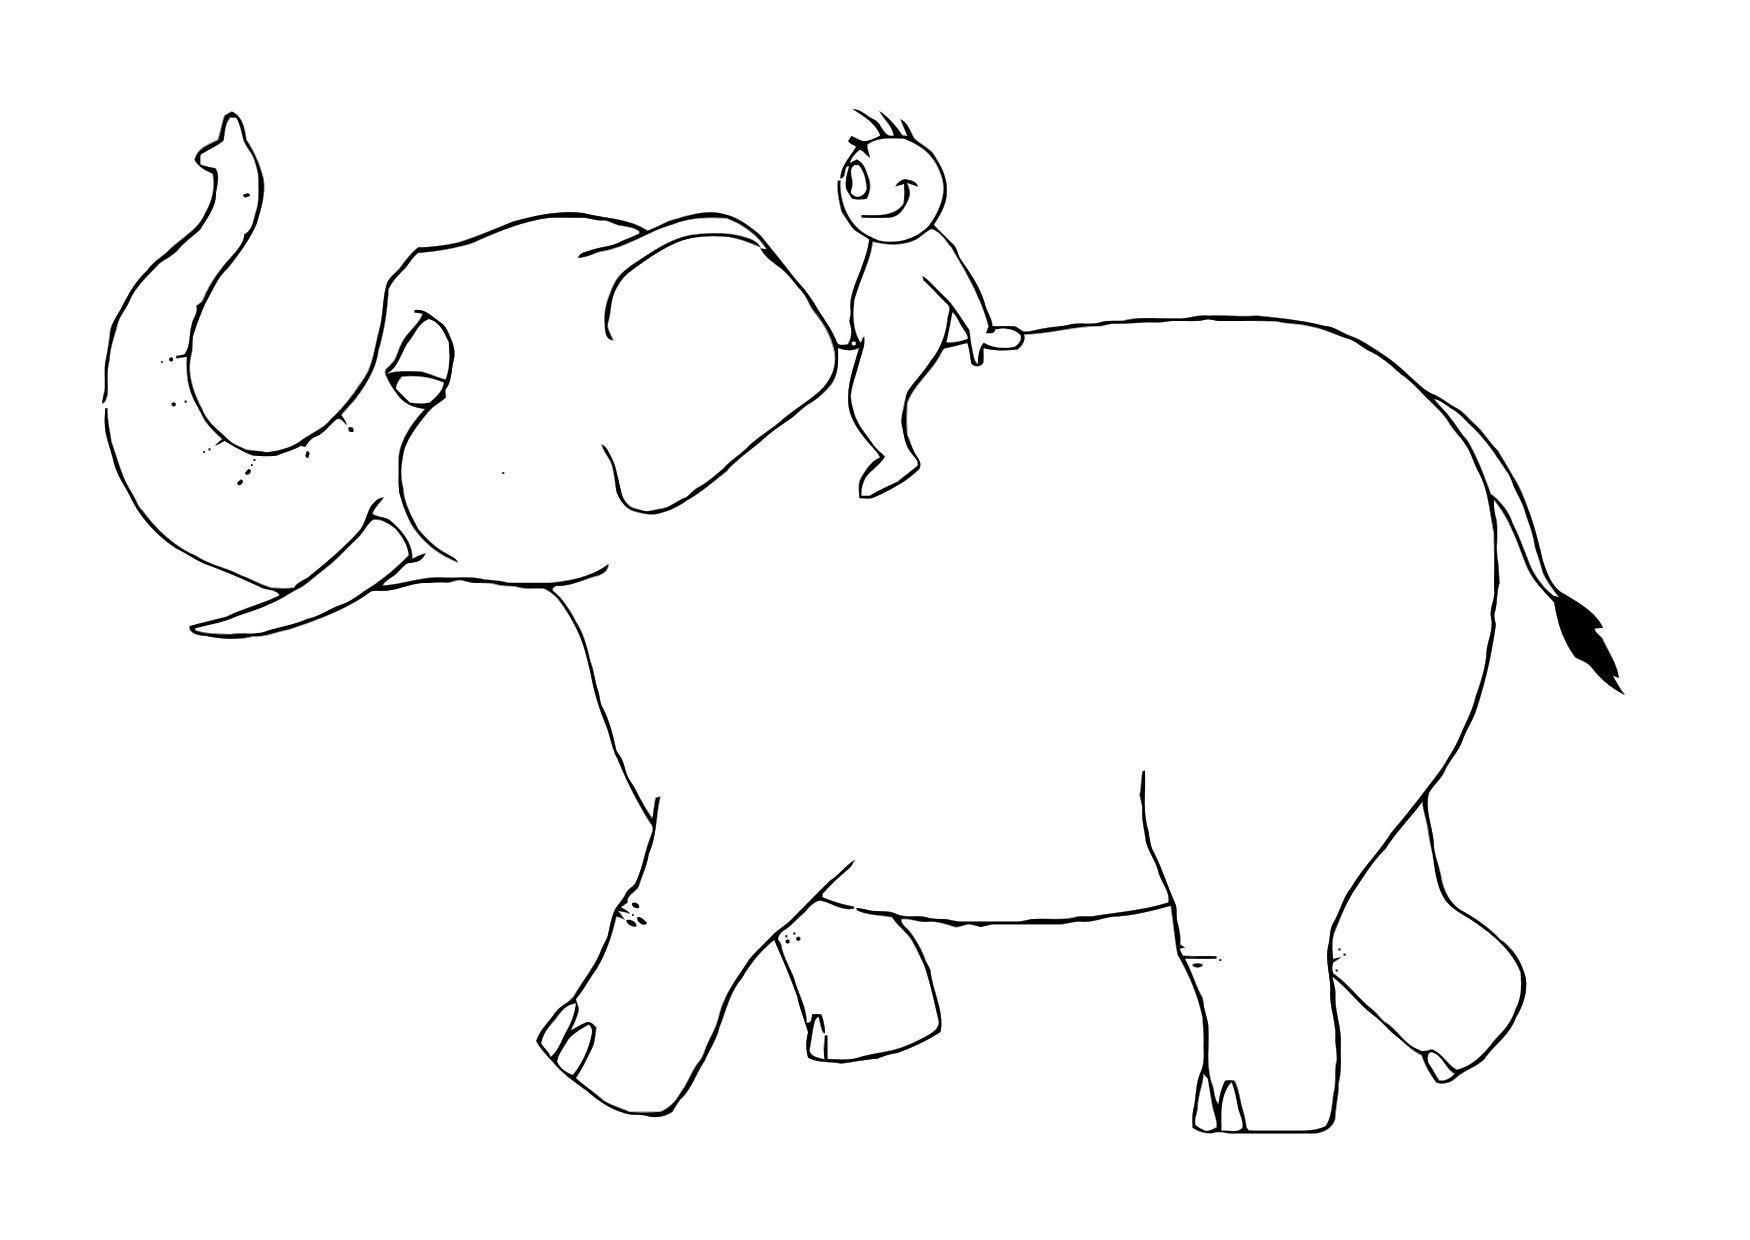 Kleurplaat Baby Dieren Disegno Da Colorare 07b Elefante Con Persona Disegni Da